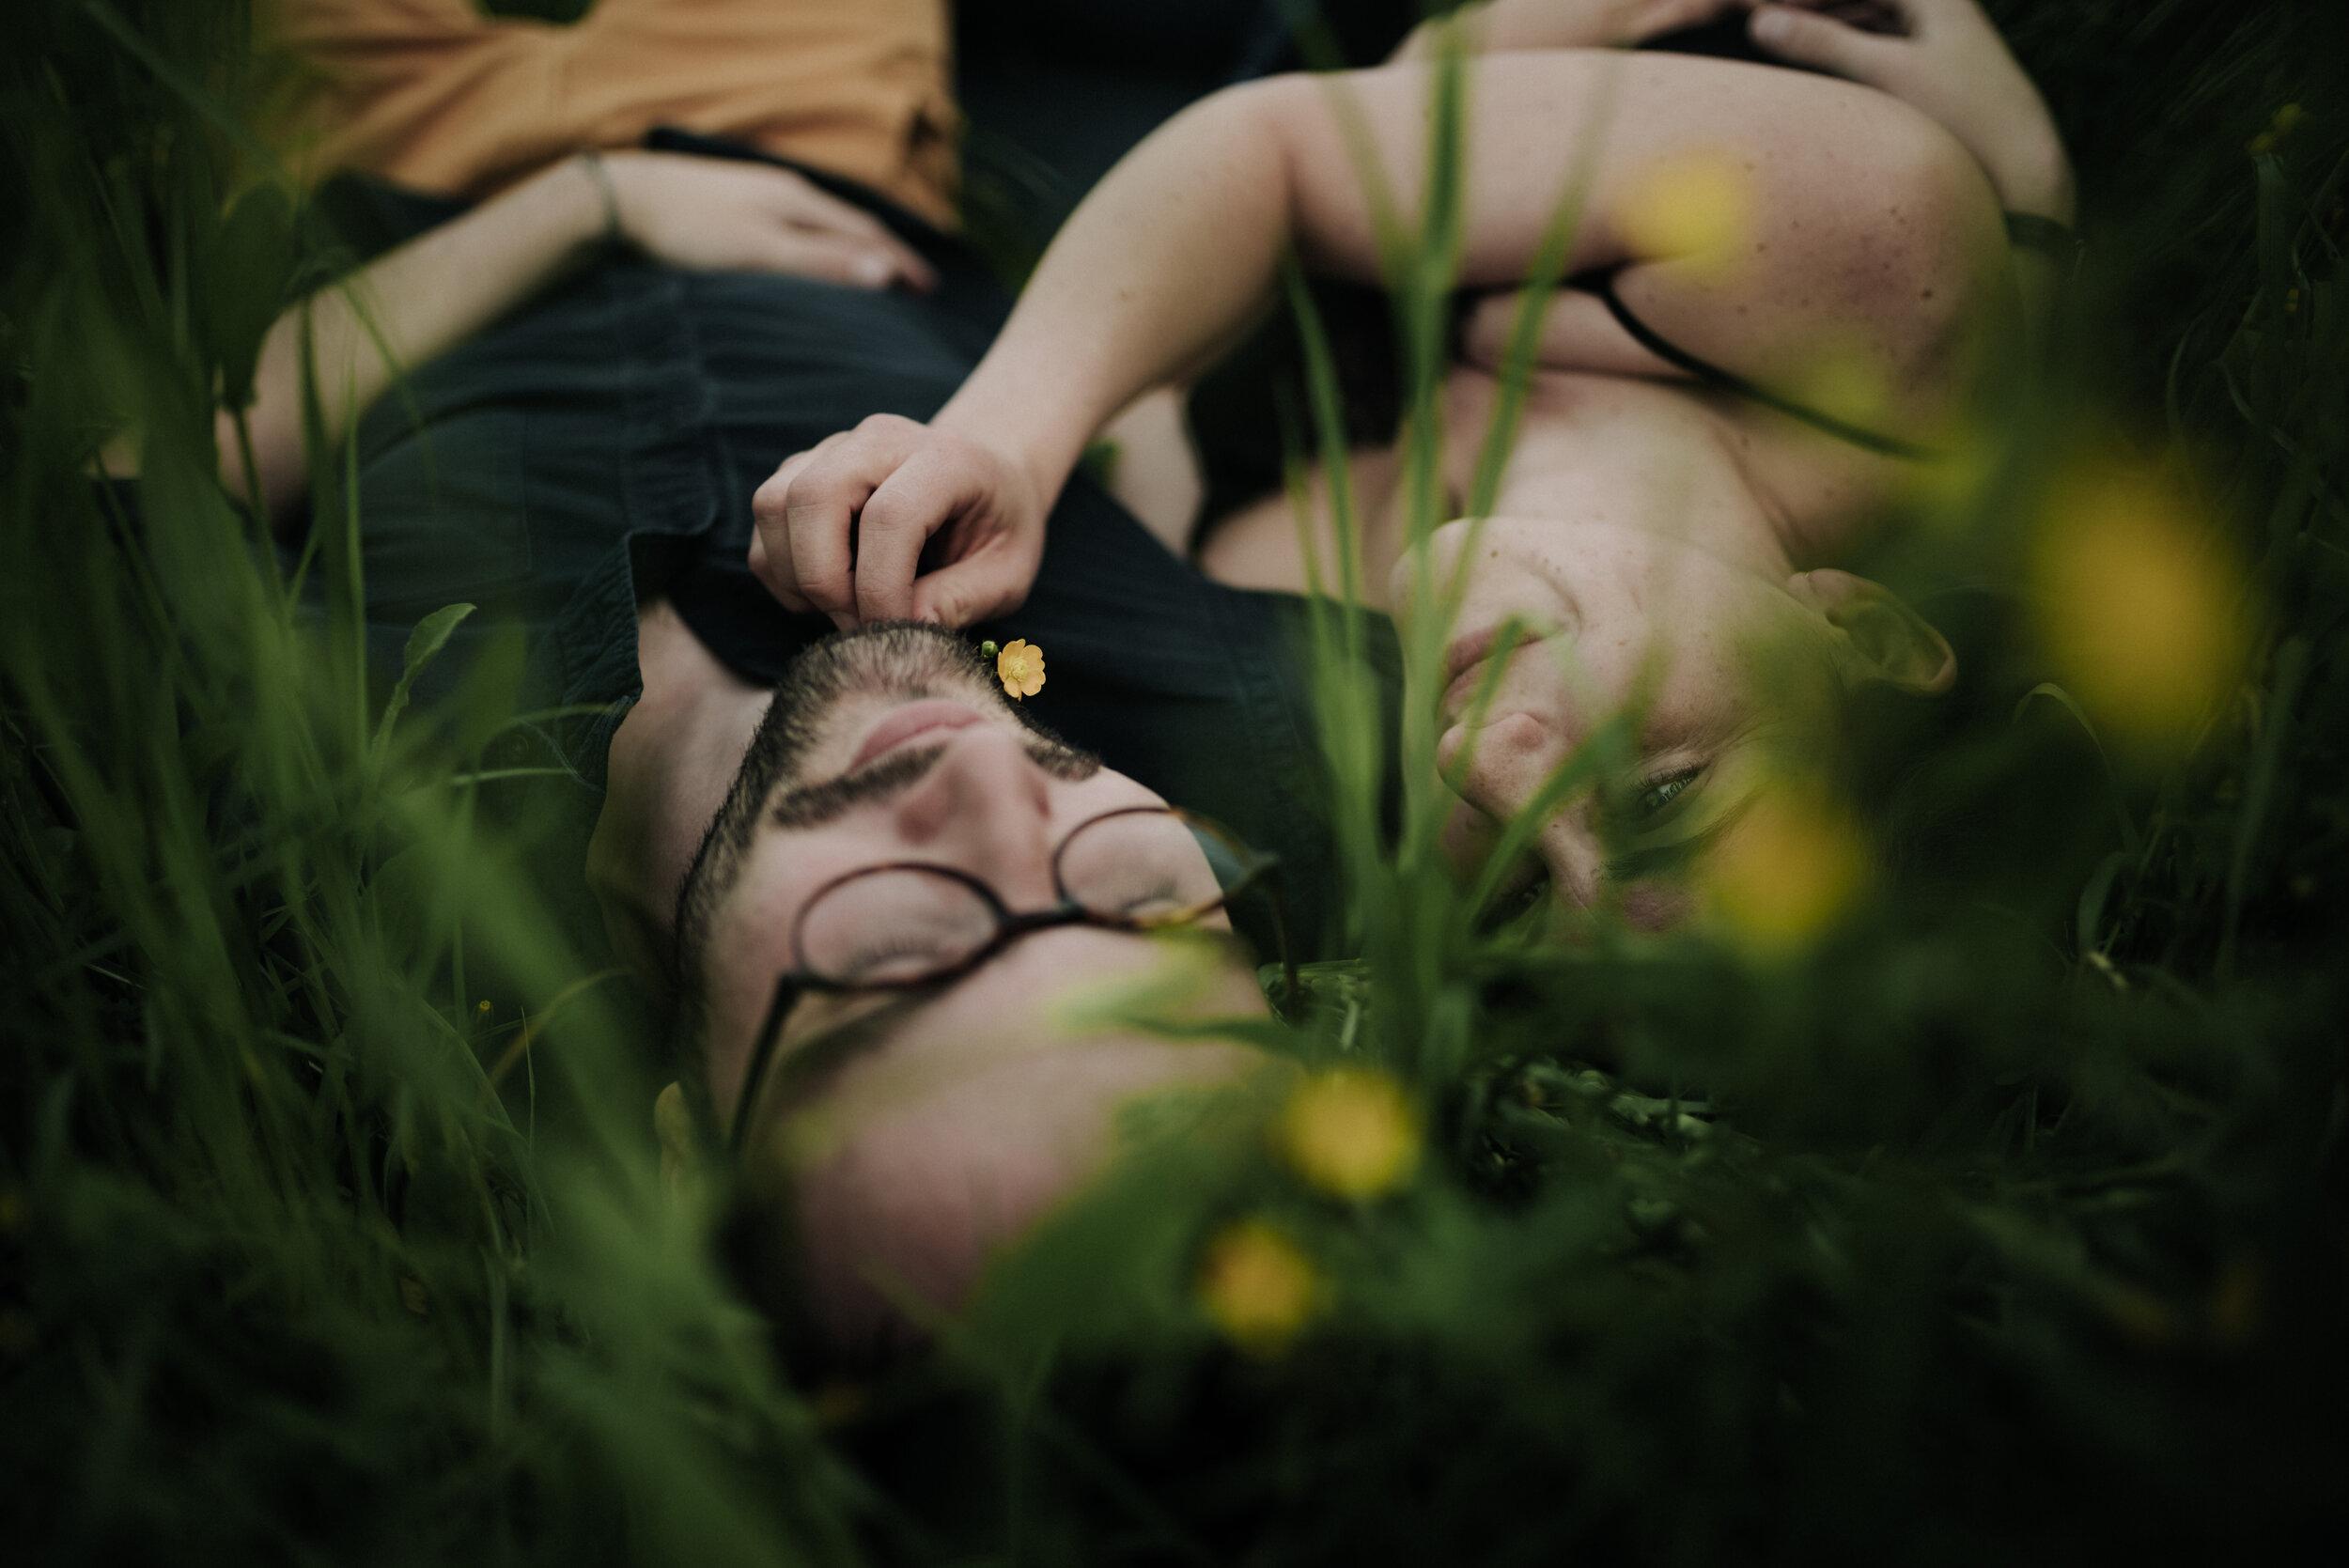 Léa-Fery-photographe-professionnel-lyon-rhone-alpes-portrait-creation-mariage-evenement-evenementiel-famille-9484.jpg